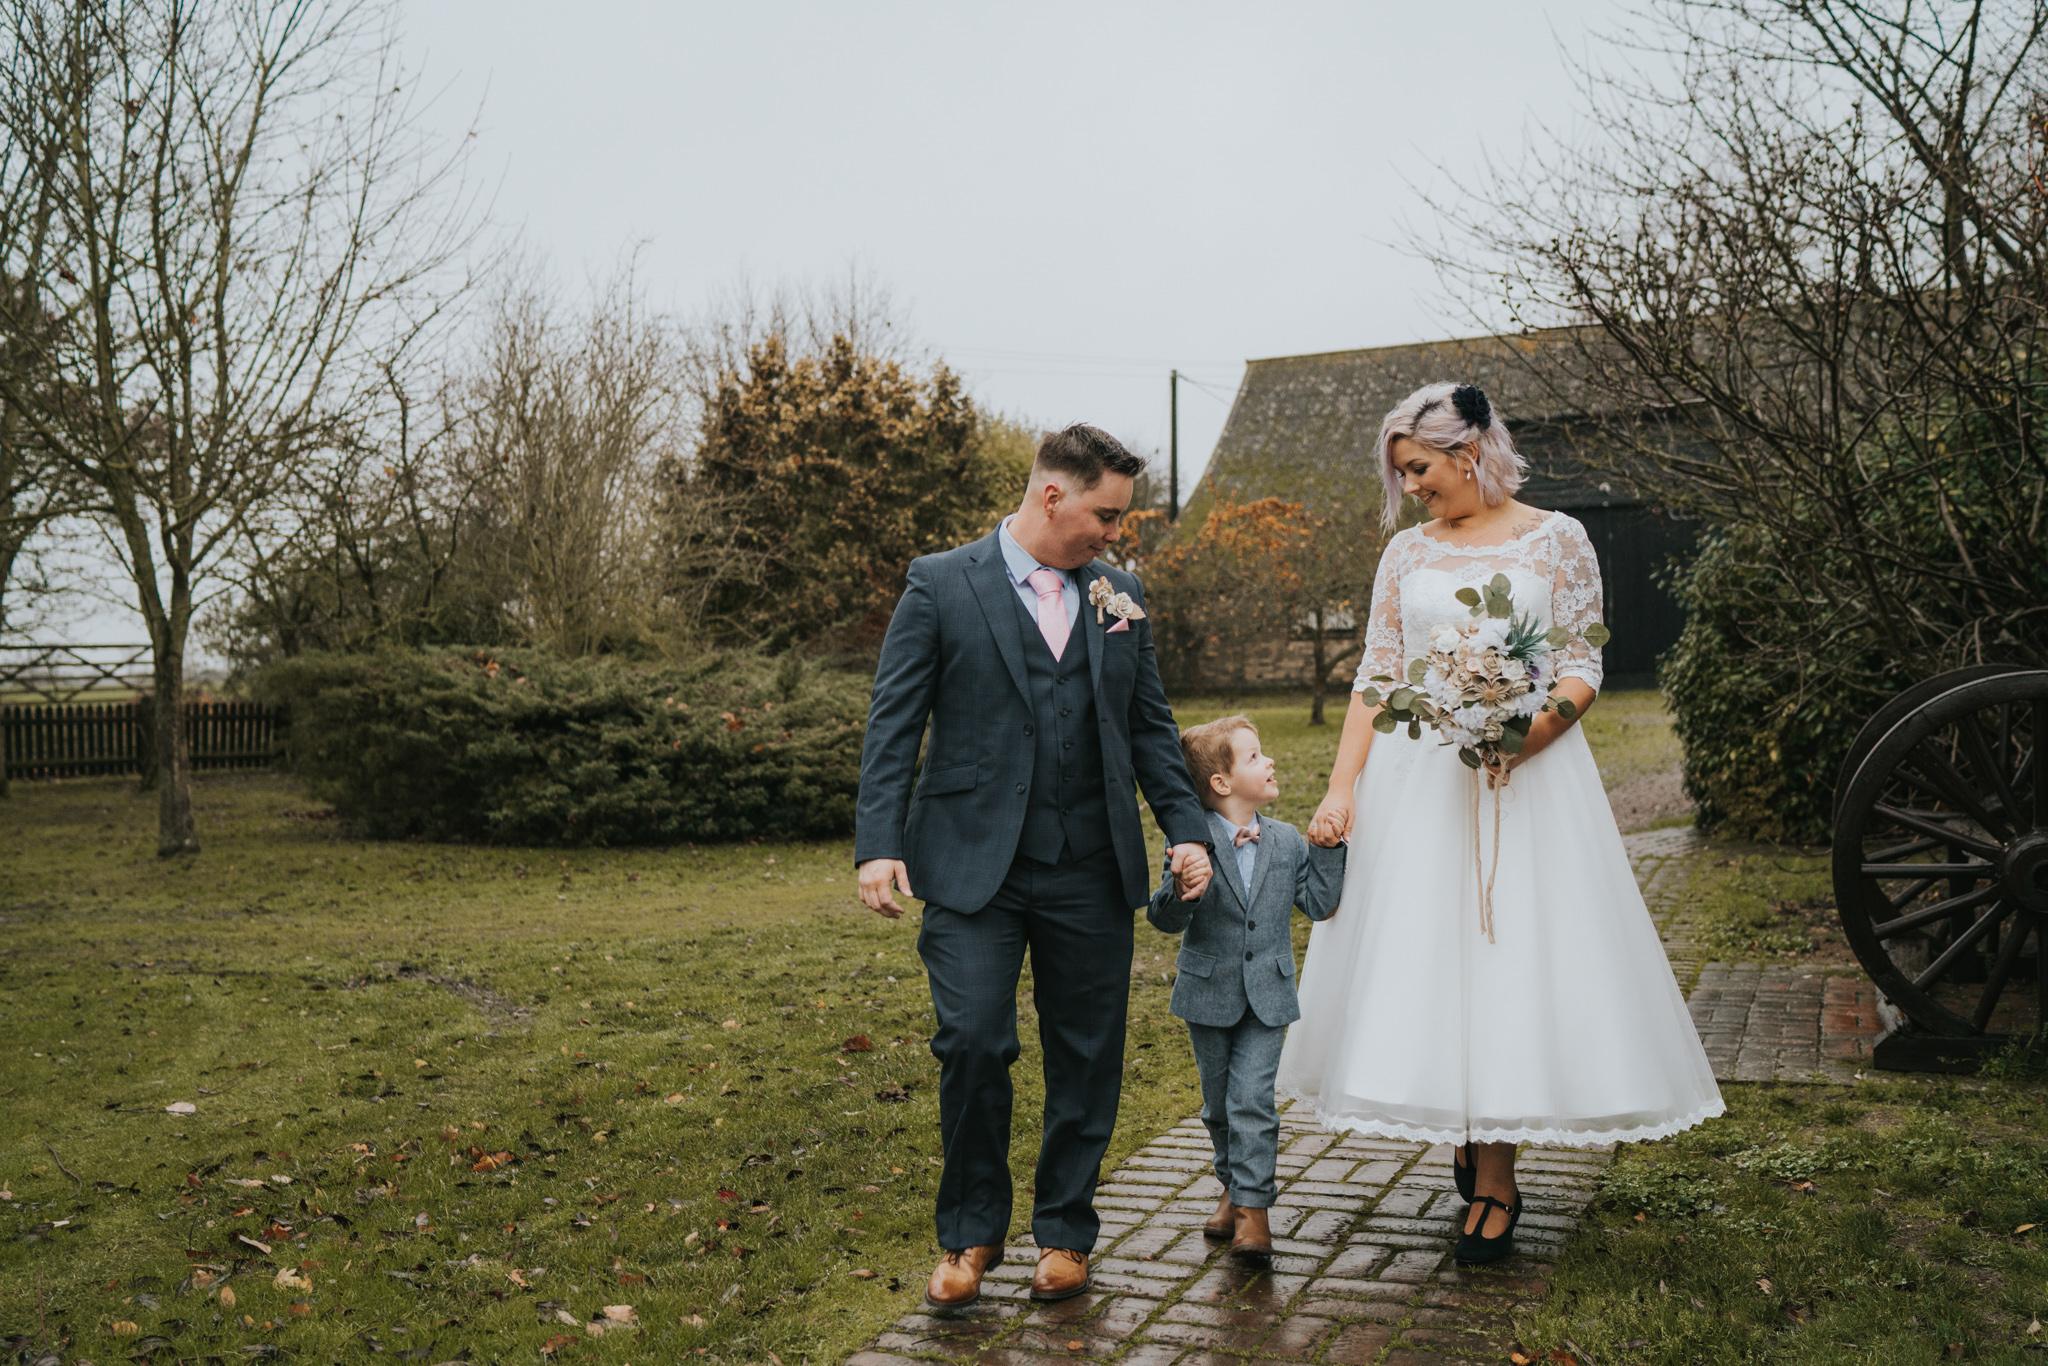 grace-elizabeth-essex-wedding-photographer-best-2018-highlights-norfolk-essex-devon-suffolk (92 of 100).jpg